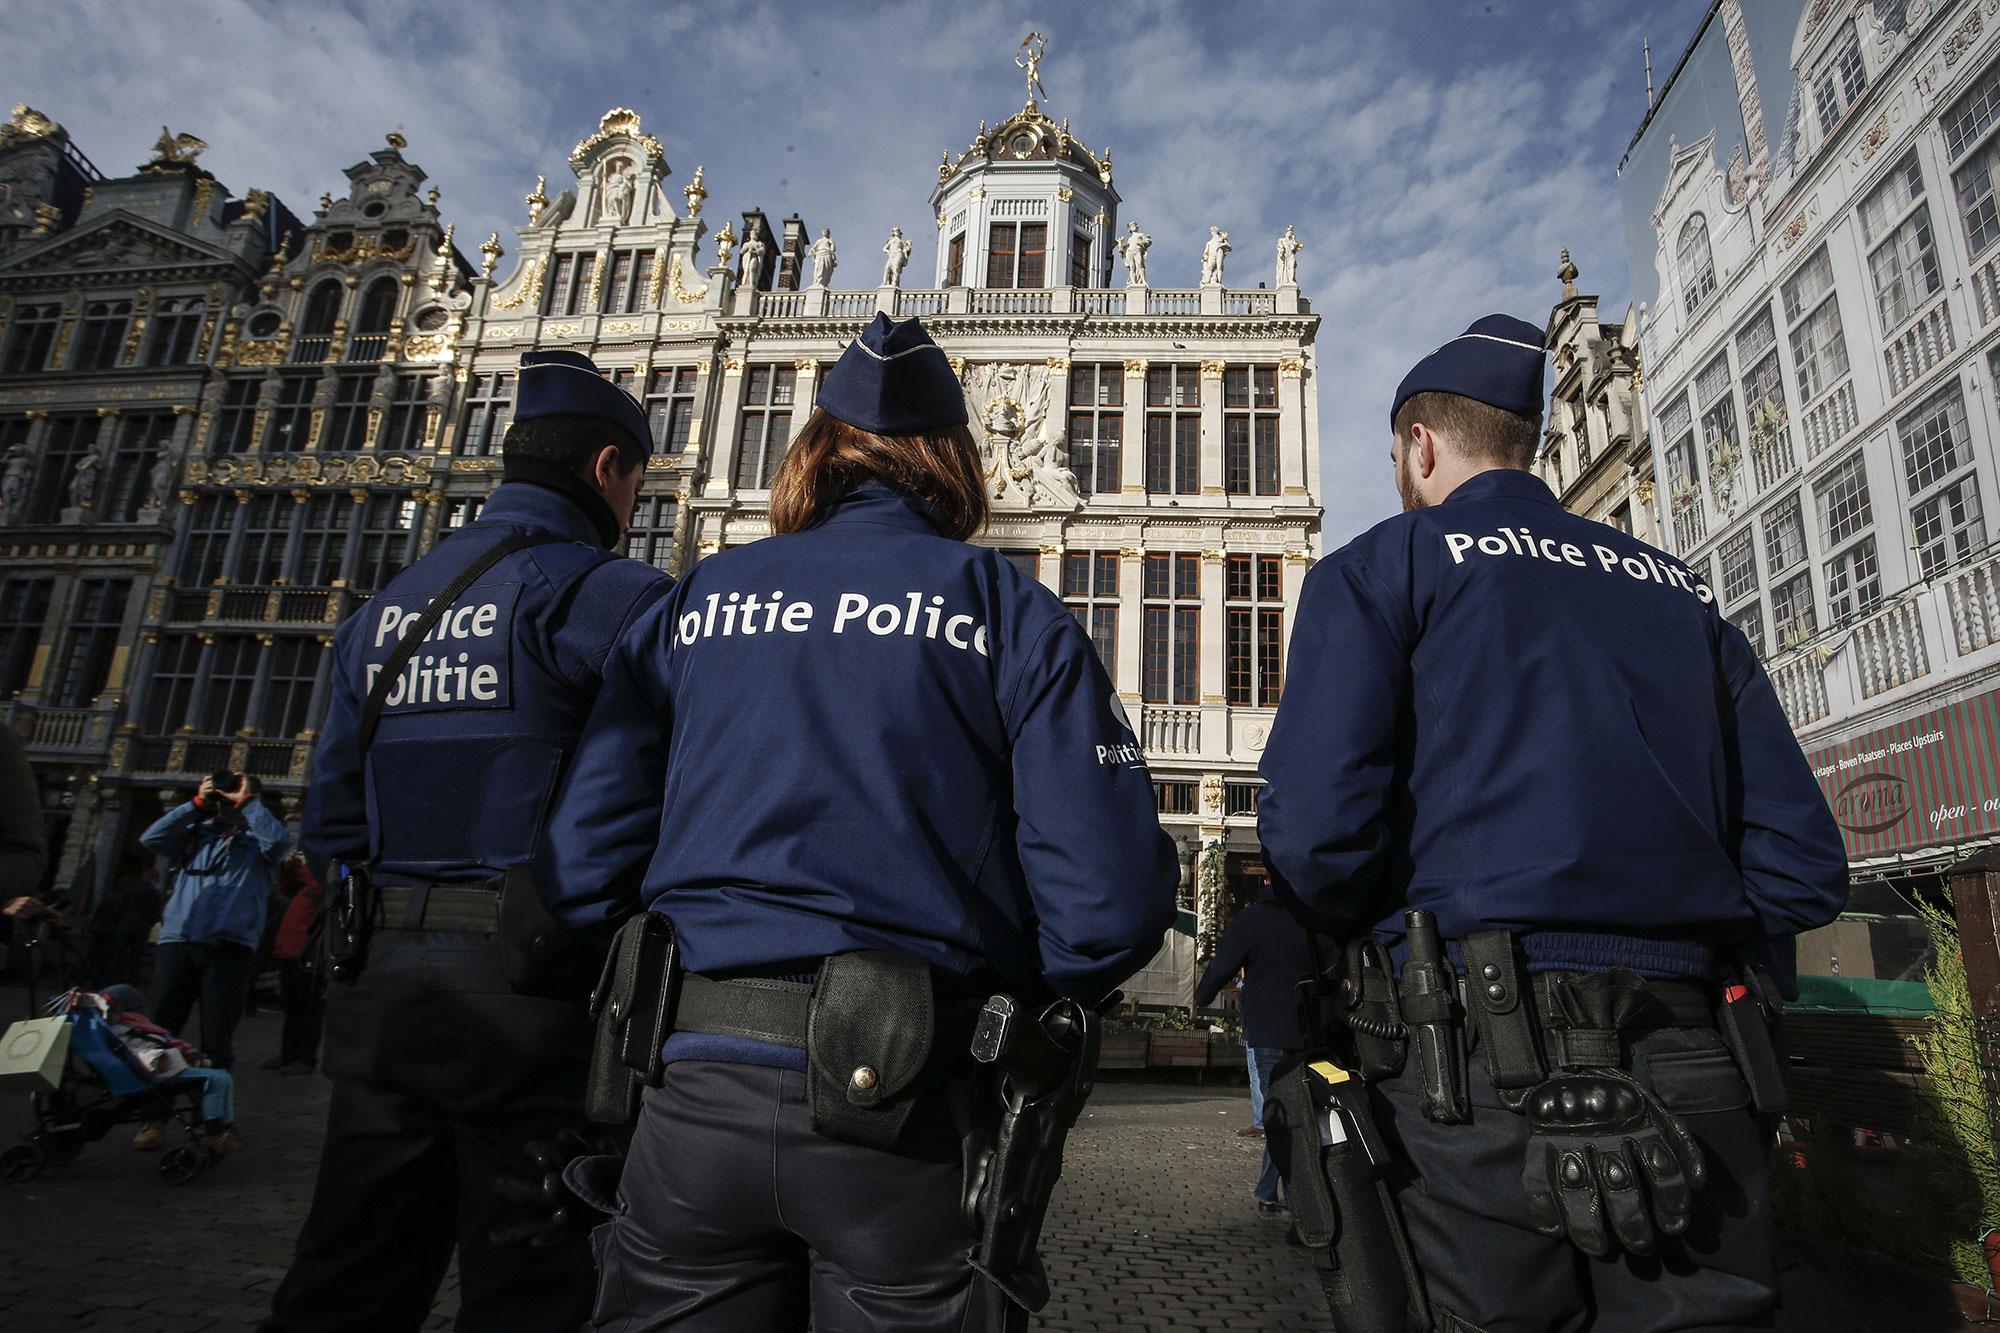 Sécurité : la Région bruxelloise devrait faire d'autres choix